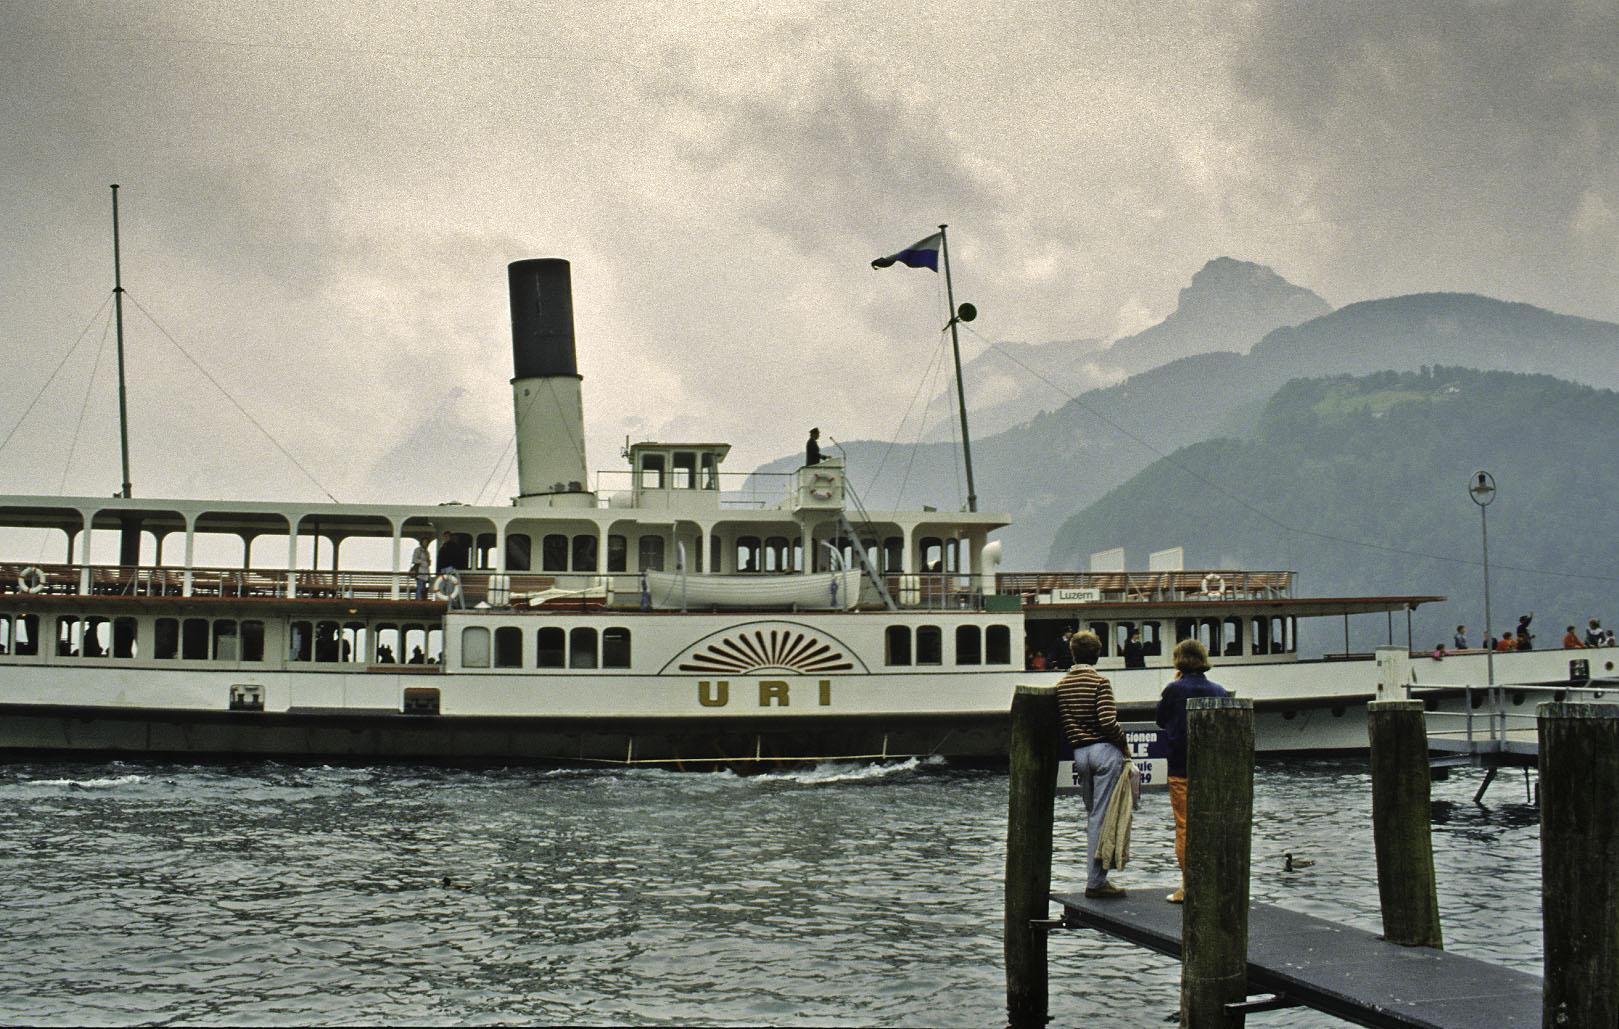 Brunnen Boat 1991 SS